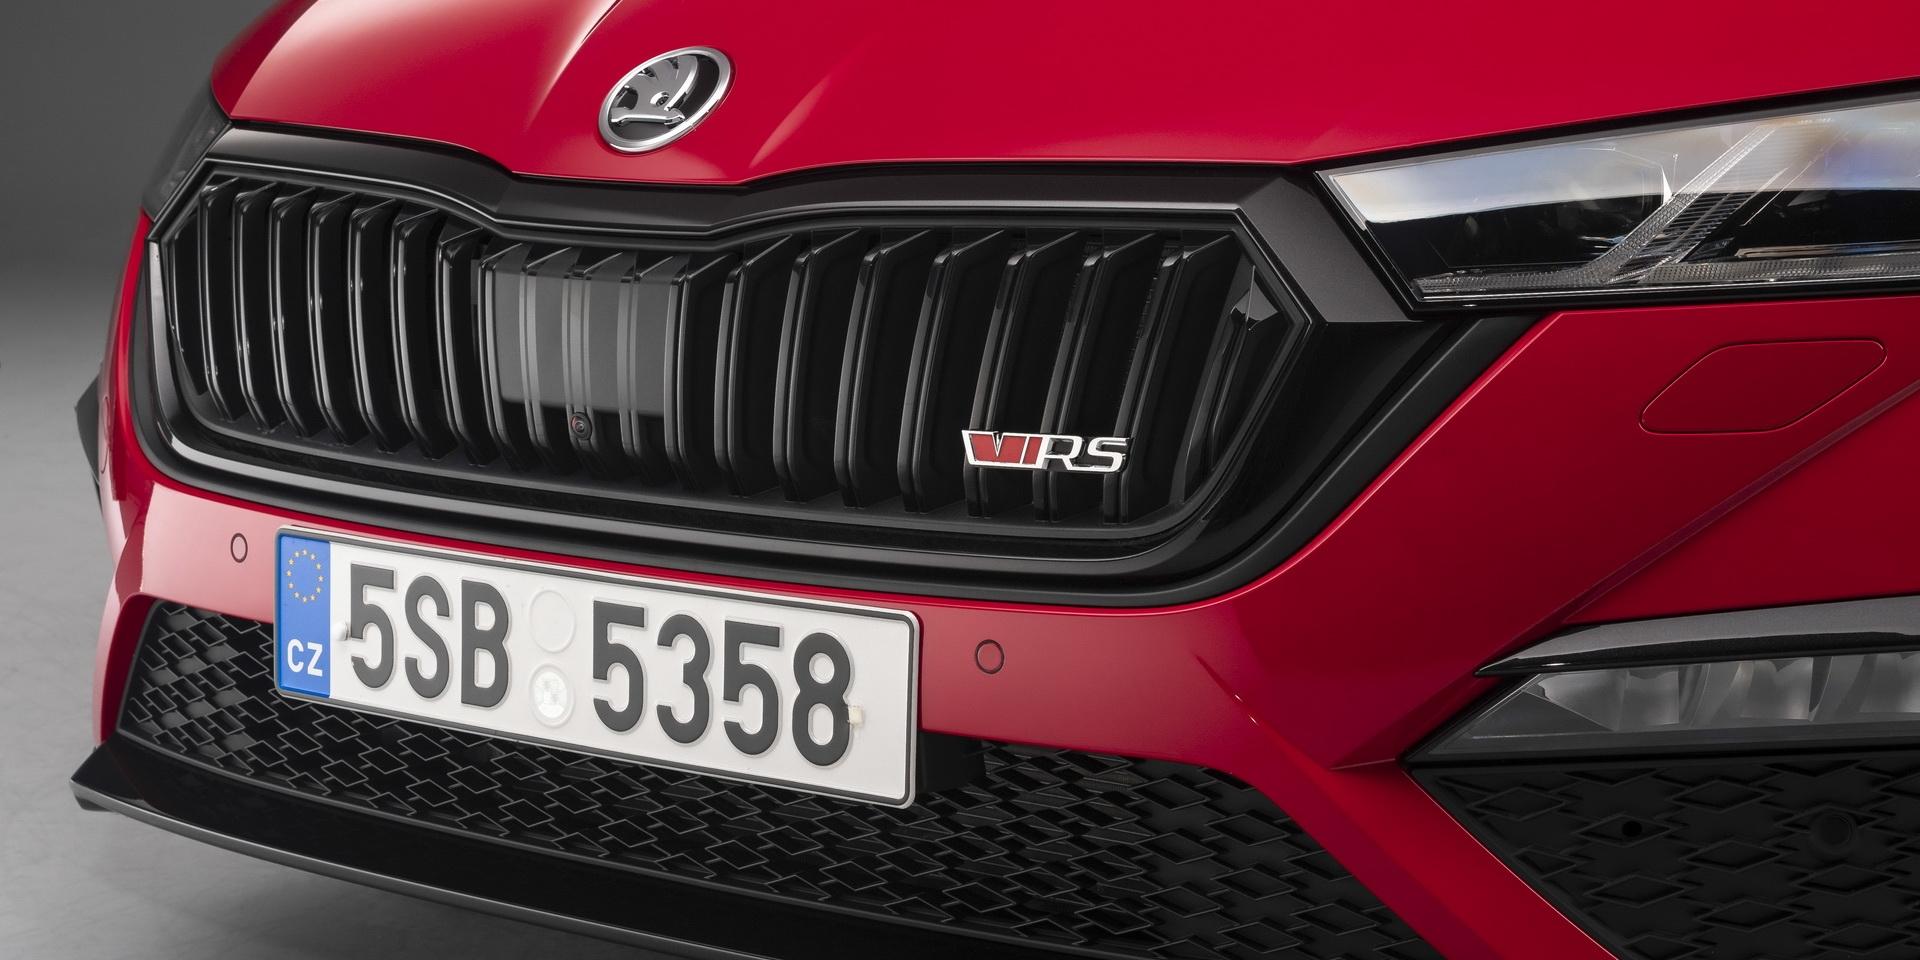 2020消失的日內瓦車展 RS竟然搭1.4L引擎!Skoda Octavia RS iV性能節能兼具!